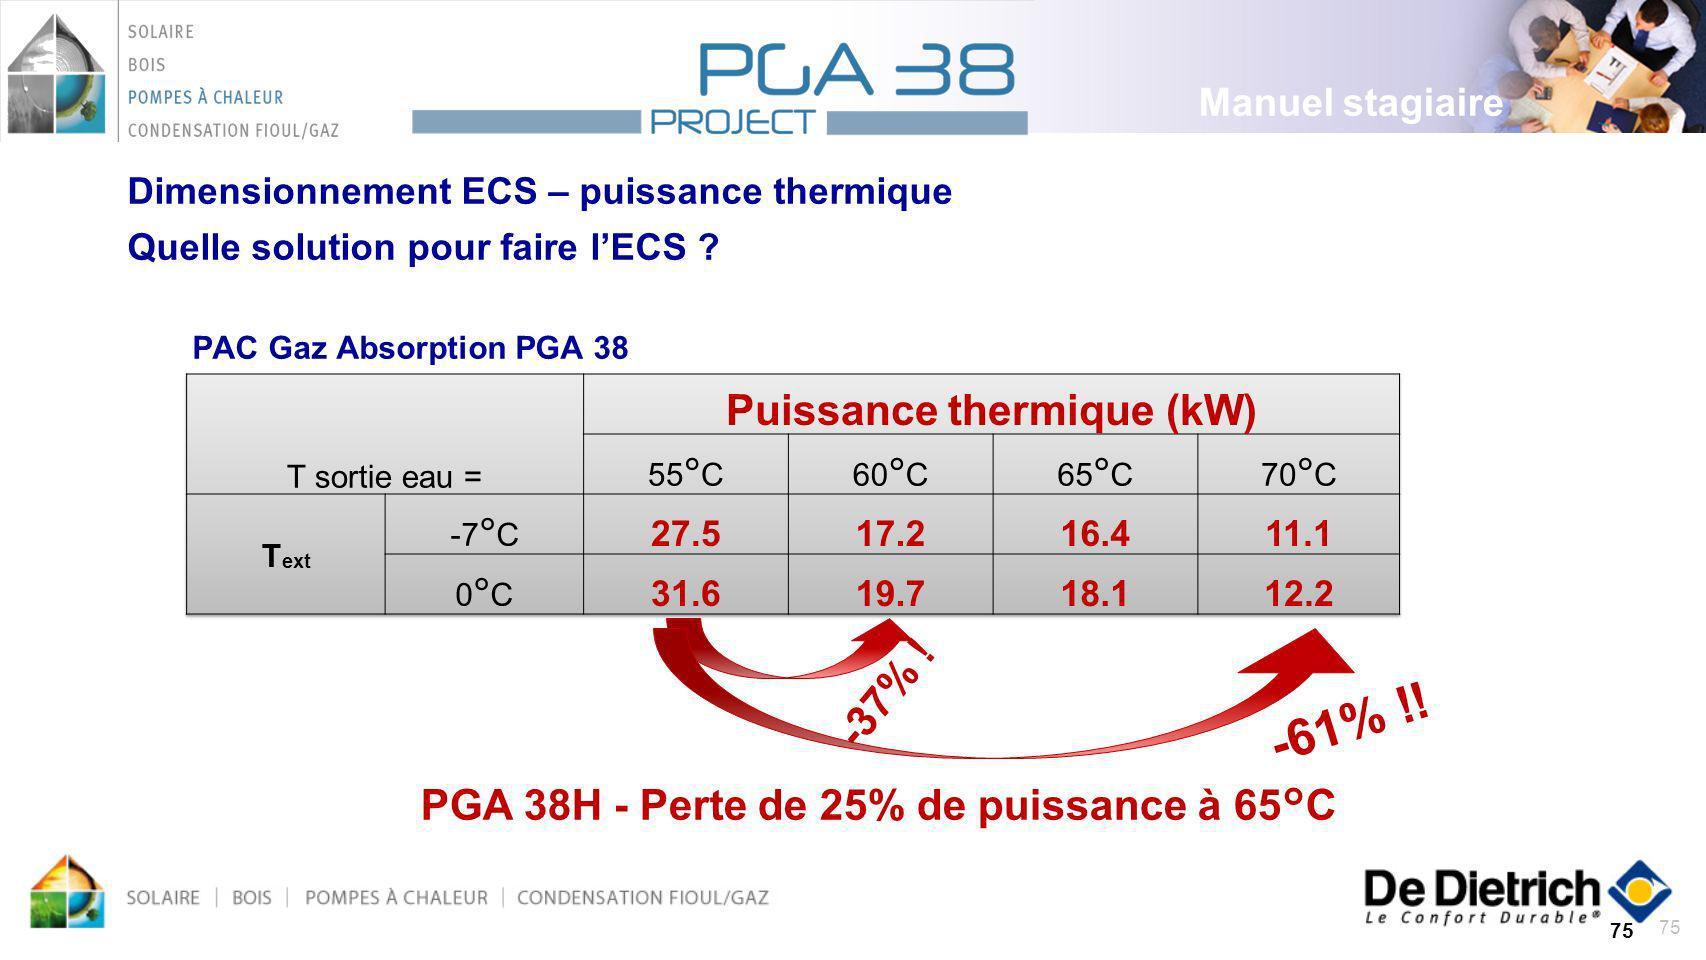 Puissance thermique (kW)